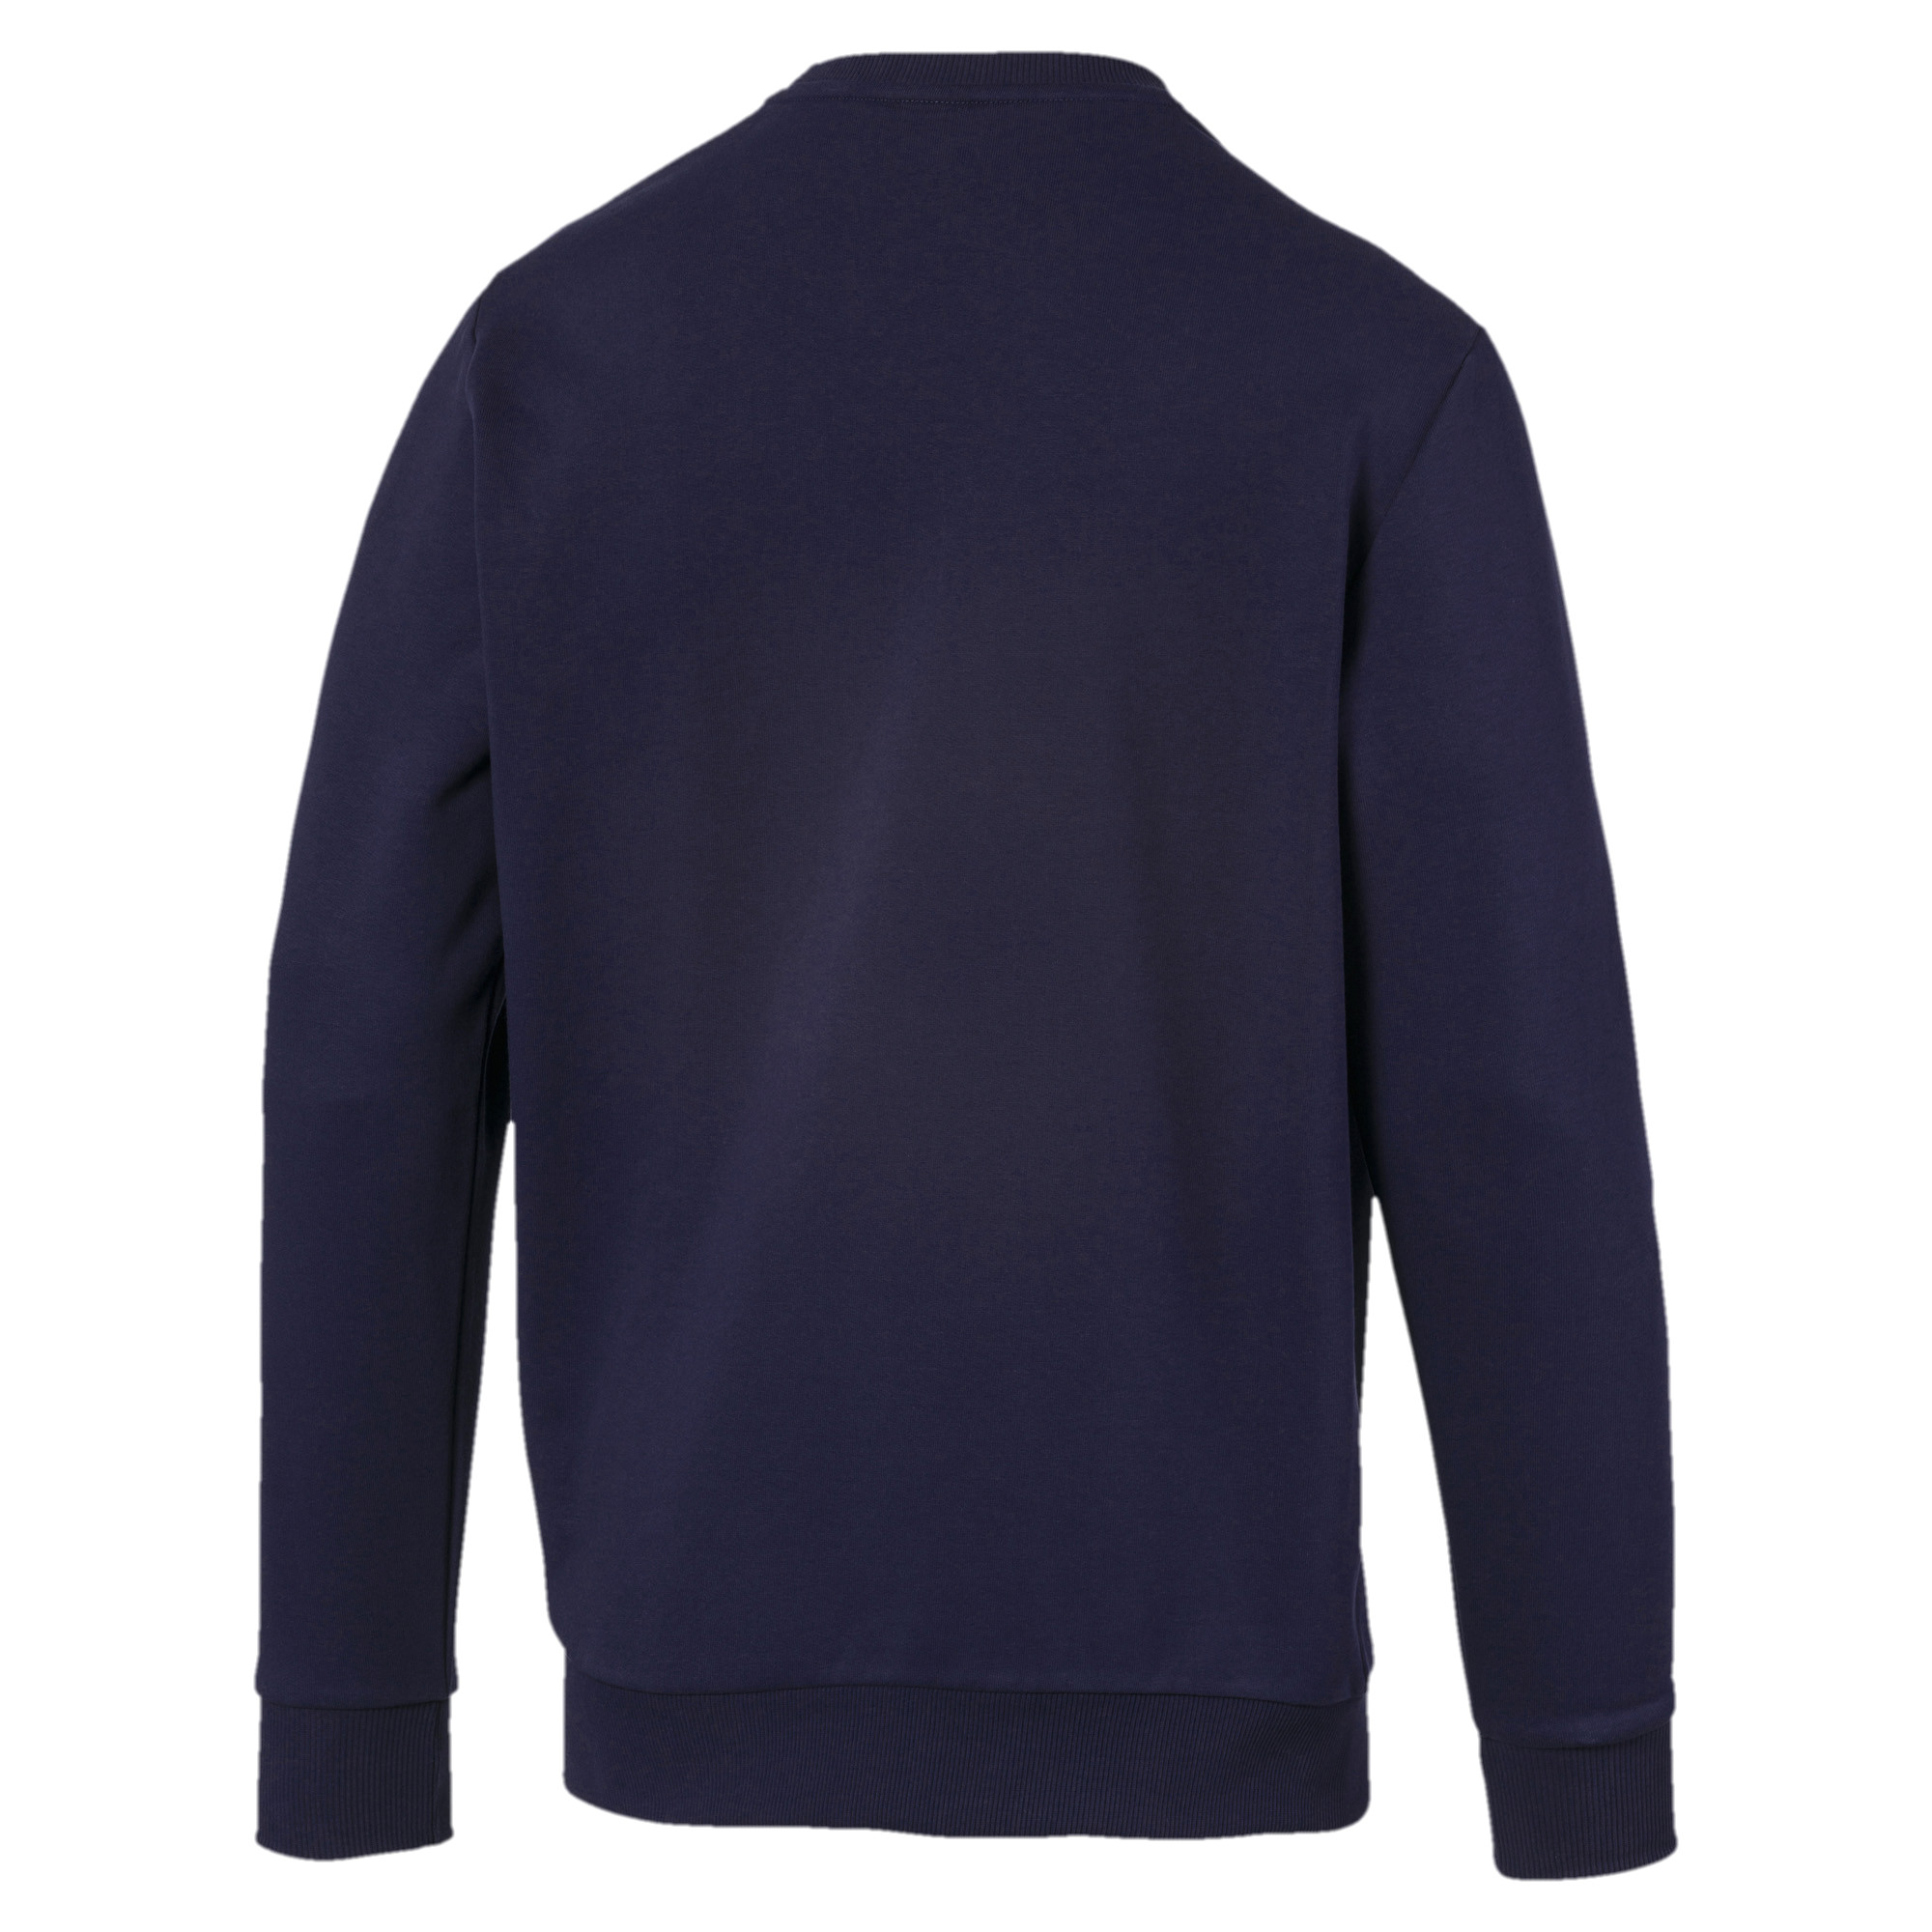 PUMA-Classics-Logo-Men-039-s-Crewneck-Sweatshirt-Men-Sweat-Sport-Classics thumbnail 3